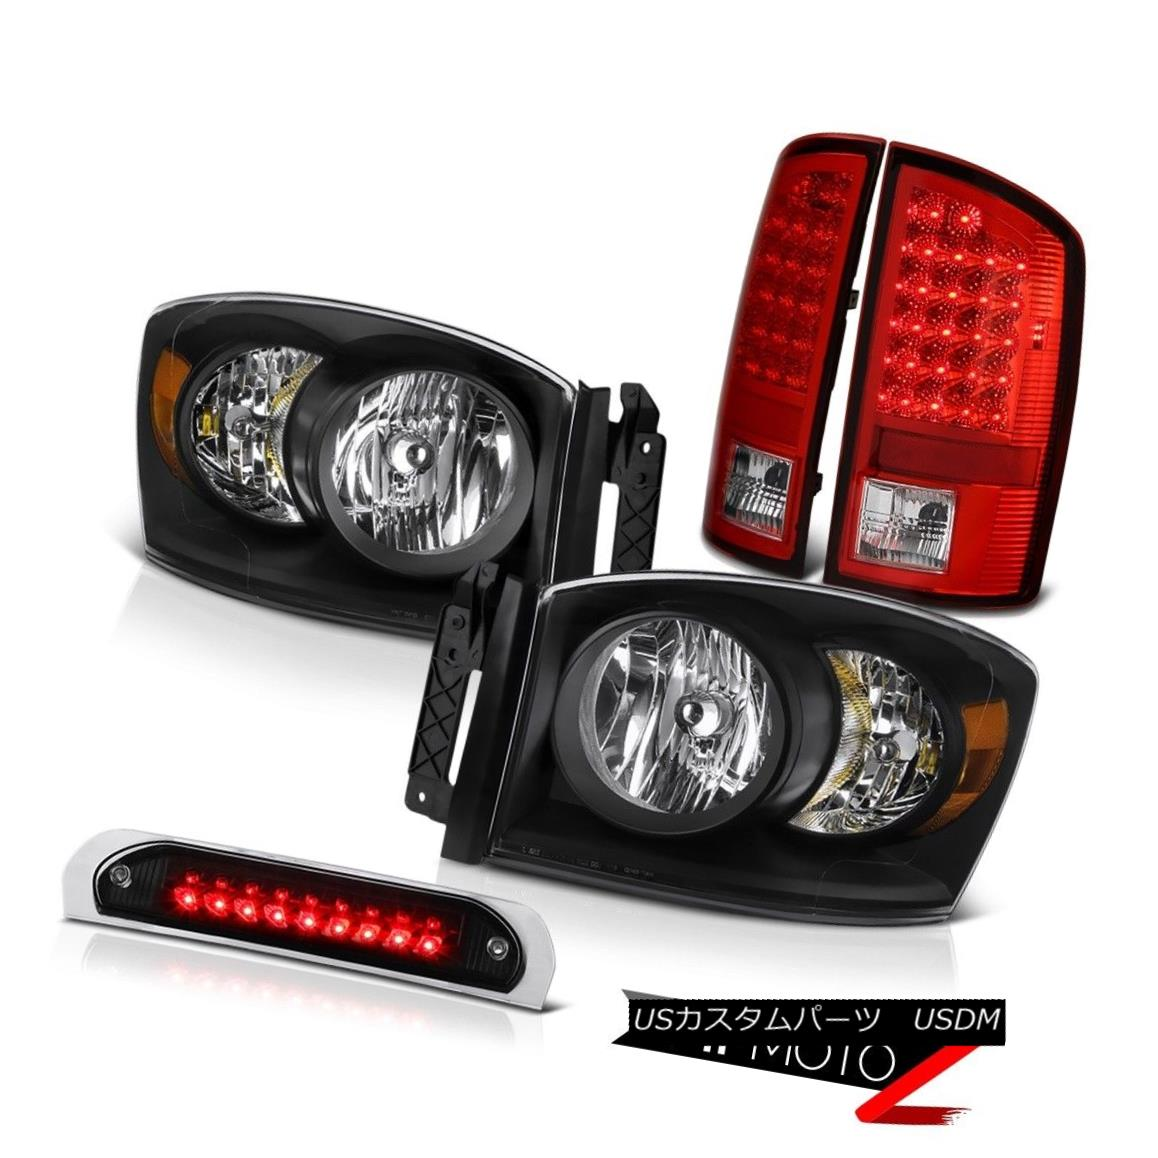 テールライト [Magnetite Black]Pair Headlamps LED Taillights Red High Brake Cargo 07 08 Ram V8 [マグネタイトブラック]ペアヘッドランプLEDテールライトレッドハイブレーキキャロル07 08ラムV8